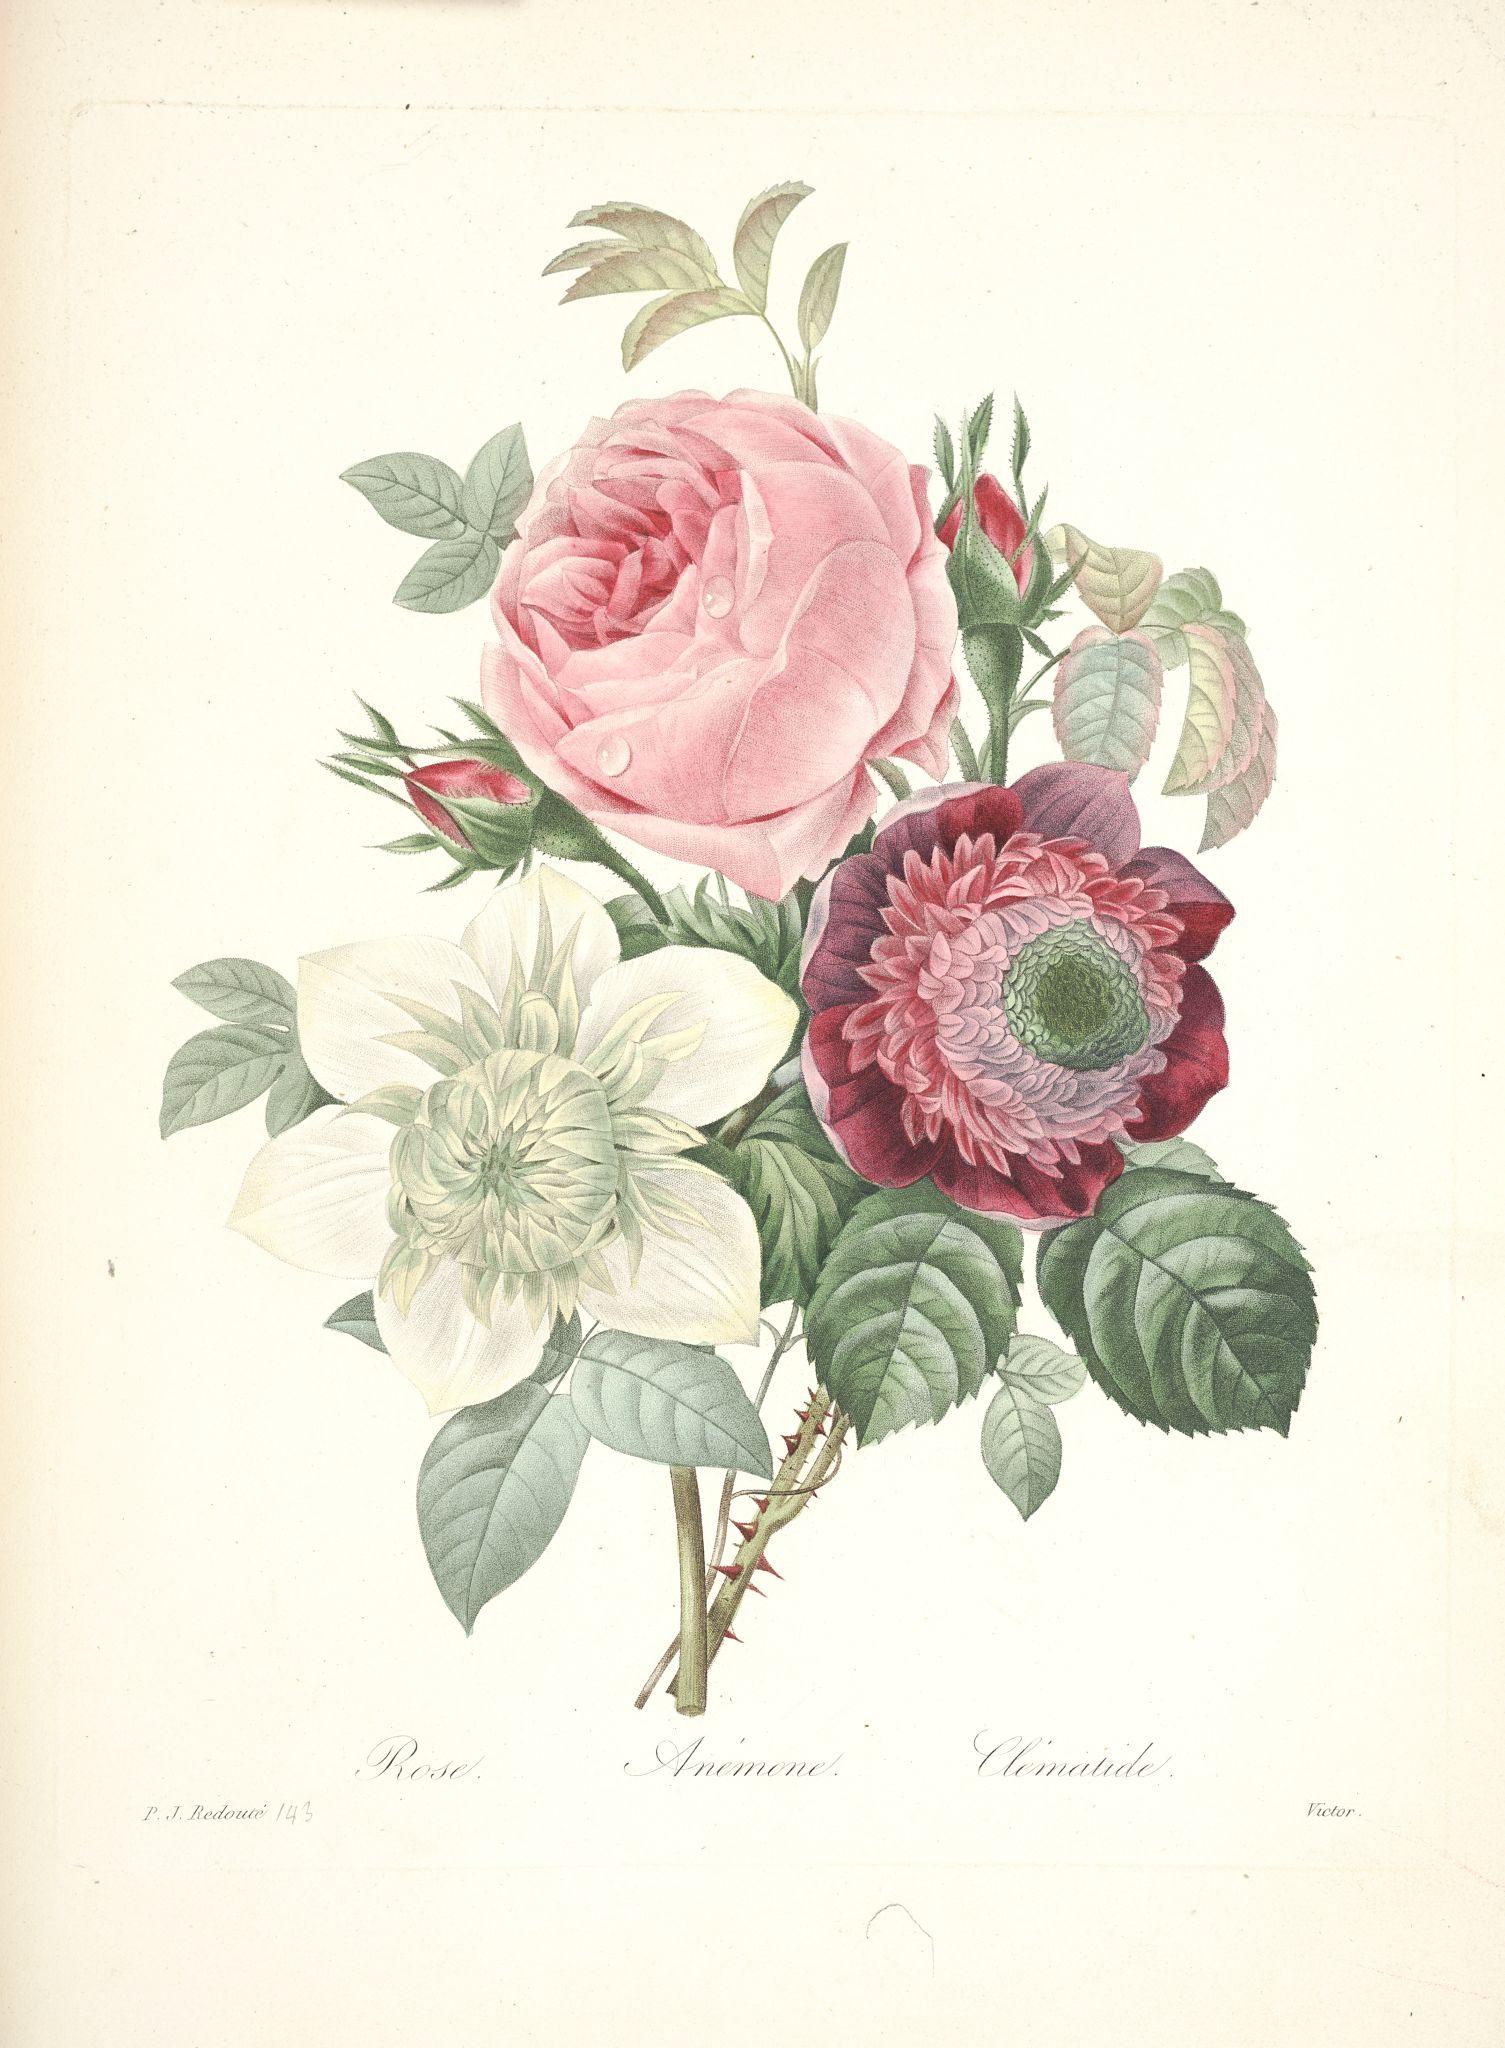 Gravures de fleurs par redoute gravures de fleurs par redoute 167 rose anemone et clematide - Pinterest small spaces gallery ...